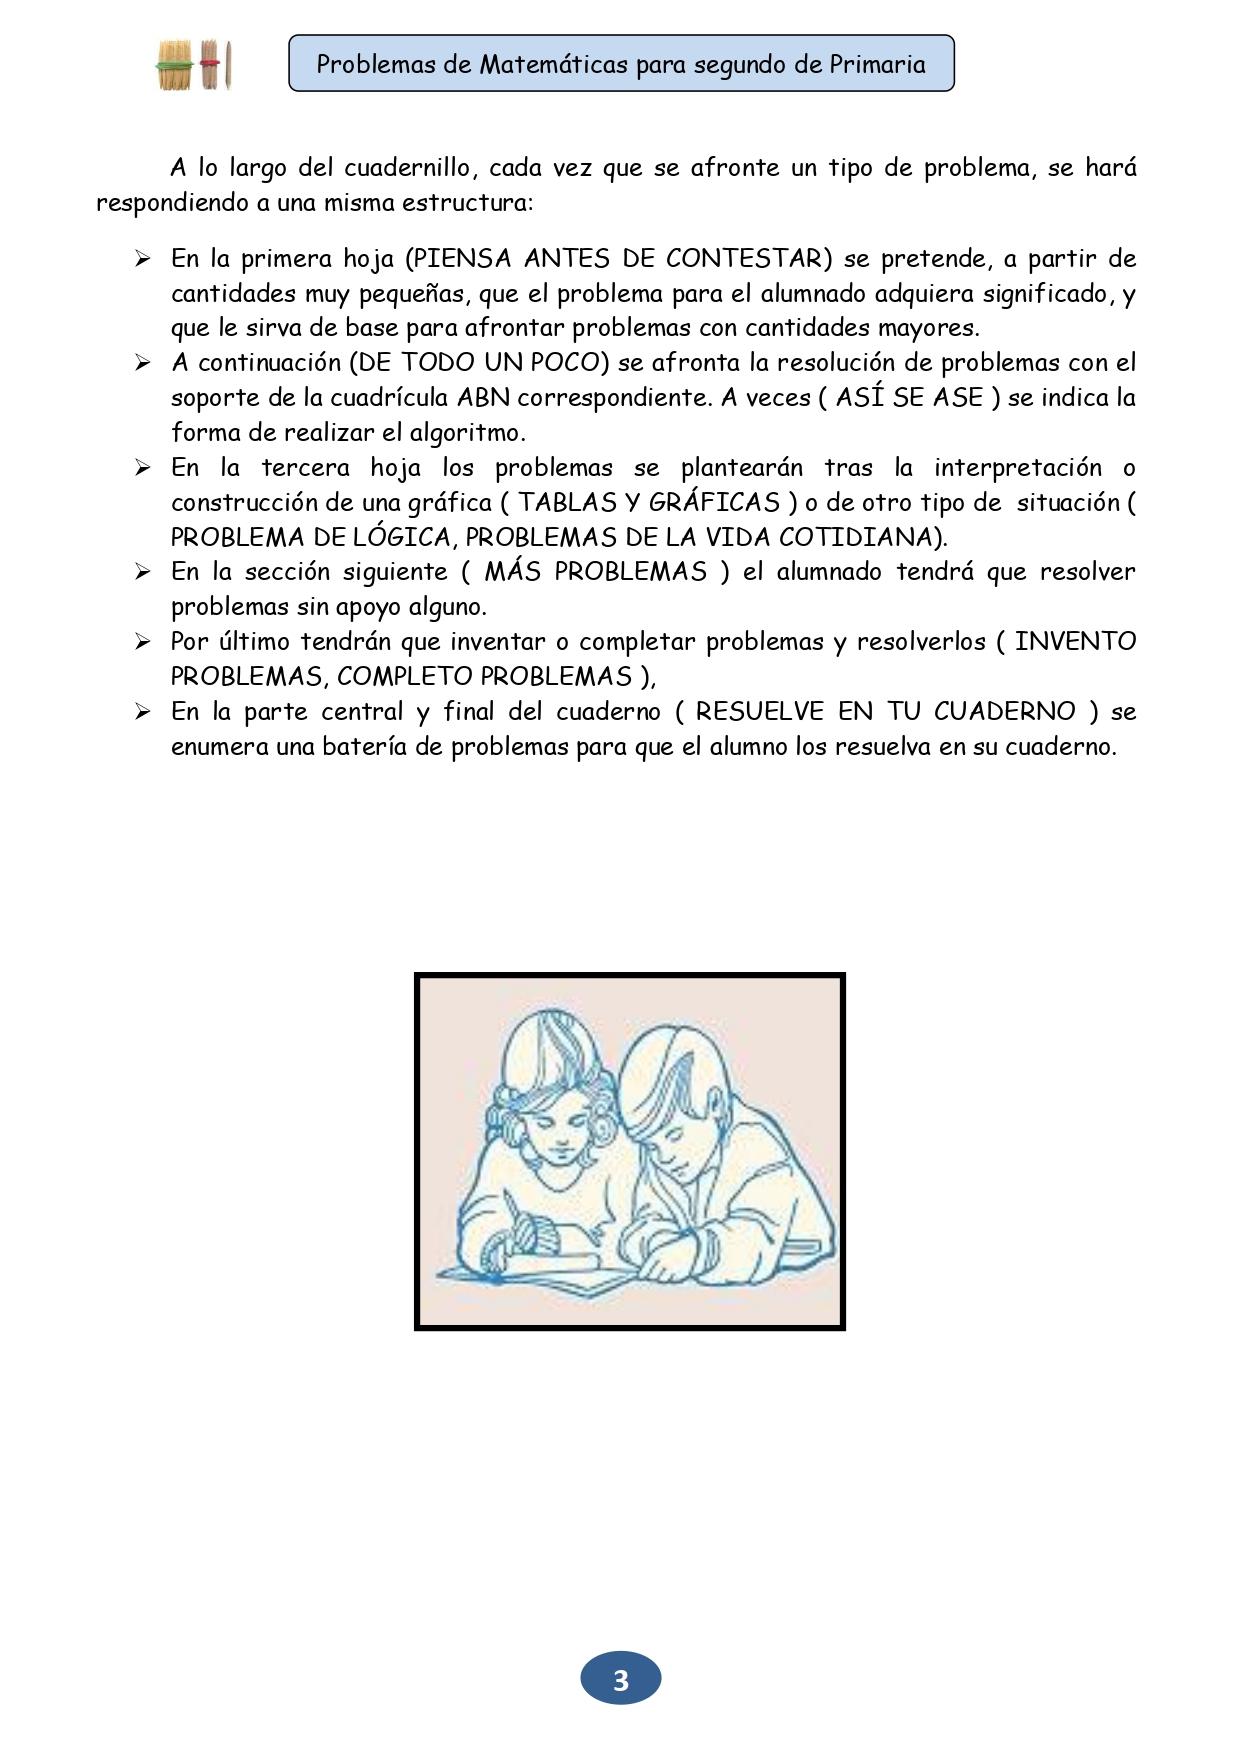 Ejercicios-De-Matem-ticas-Para-Segundo-Grado-De-Primaria-Pdf-3